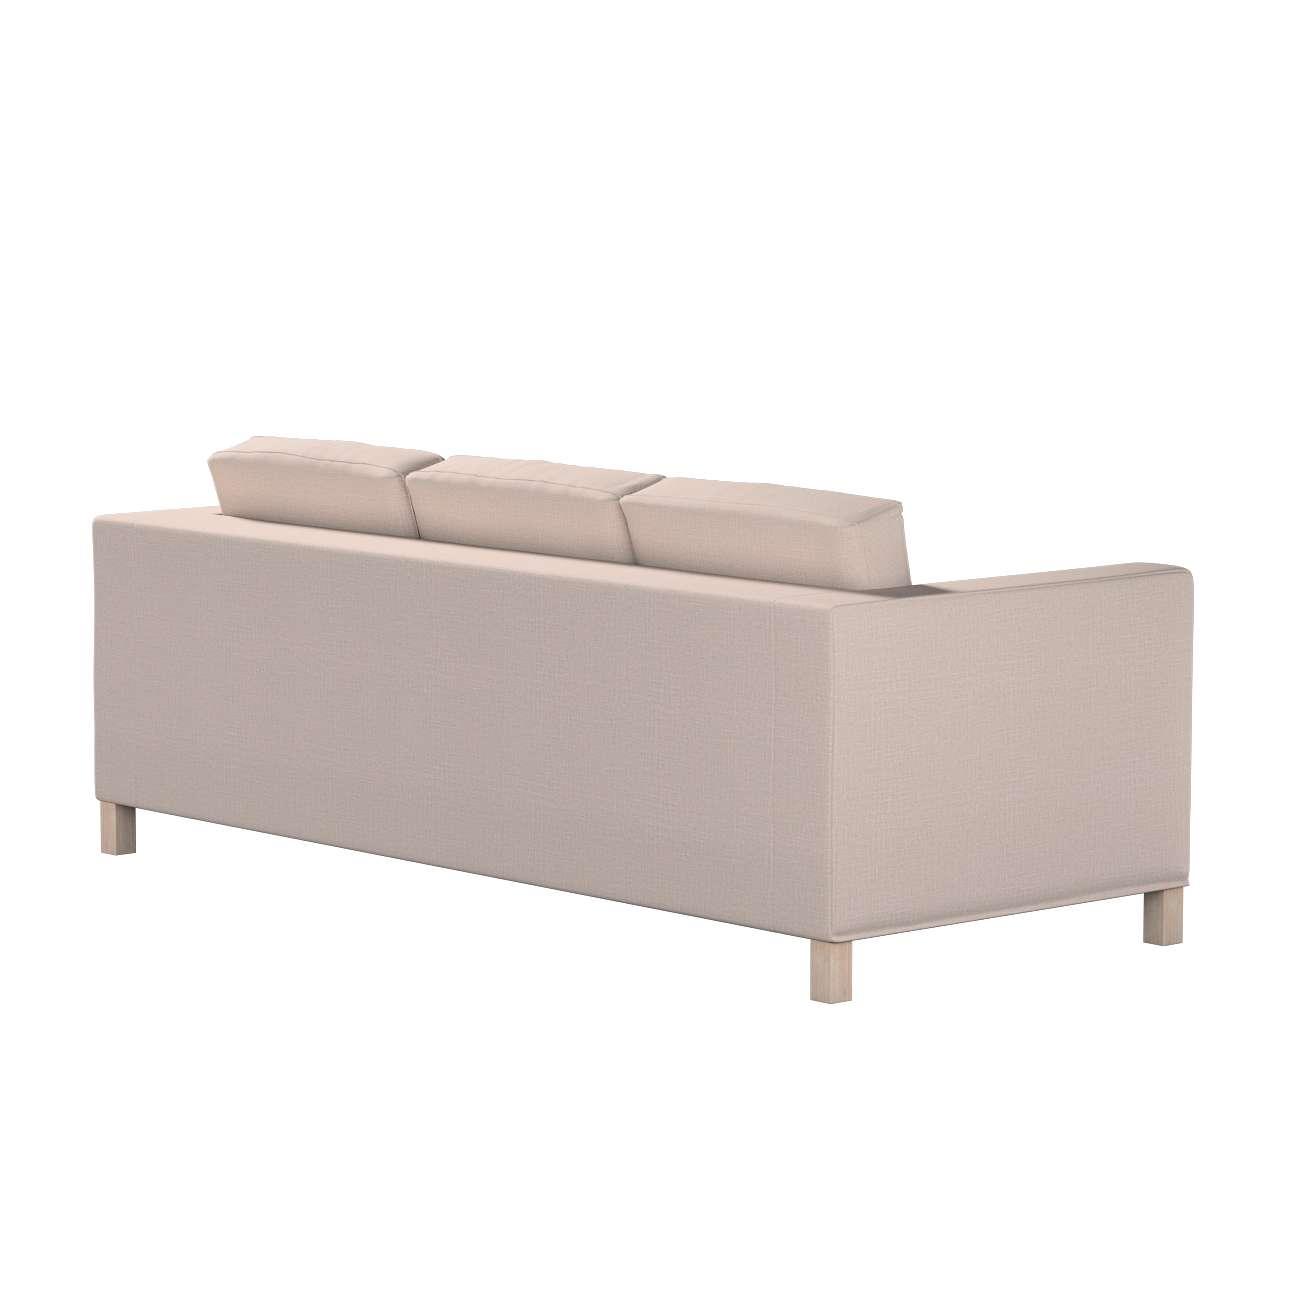 Pokrowiec na sofę Karlanda 3-osobową nierozkładaną, krótki w kolekcji Living II, tkanina: 160-85